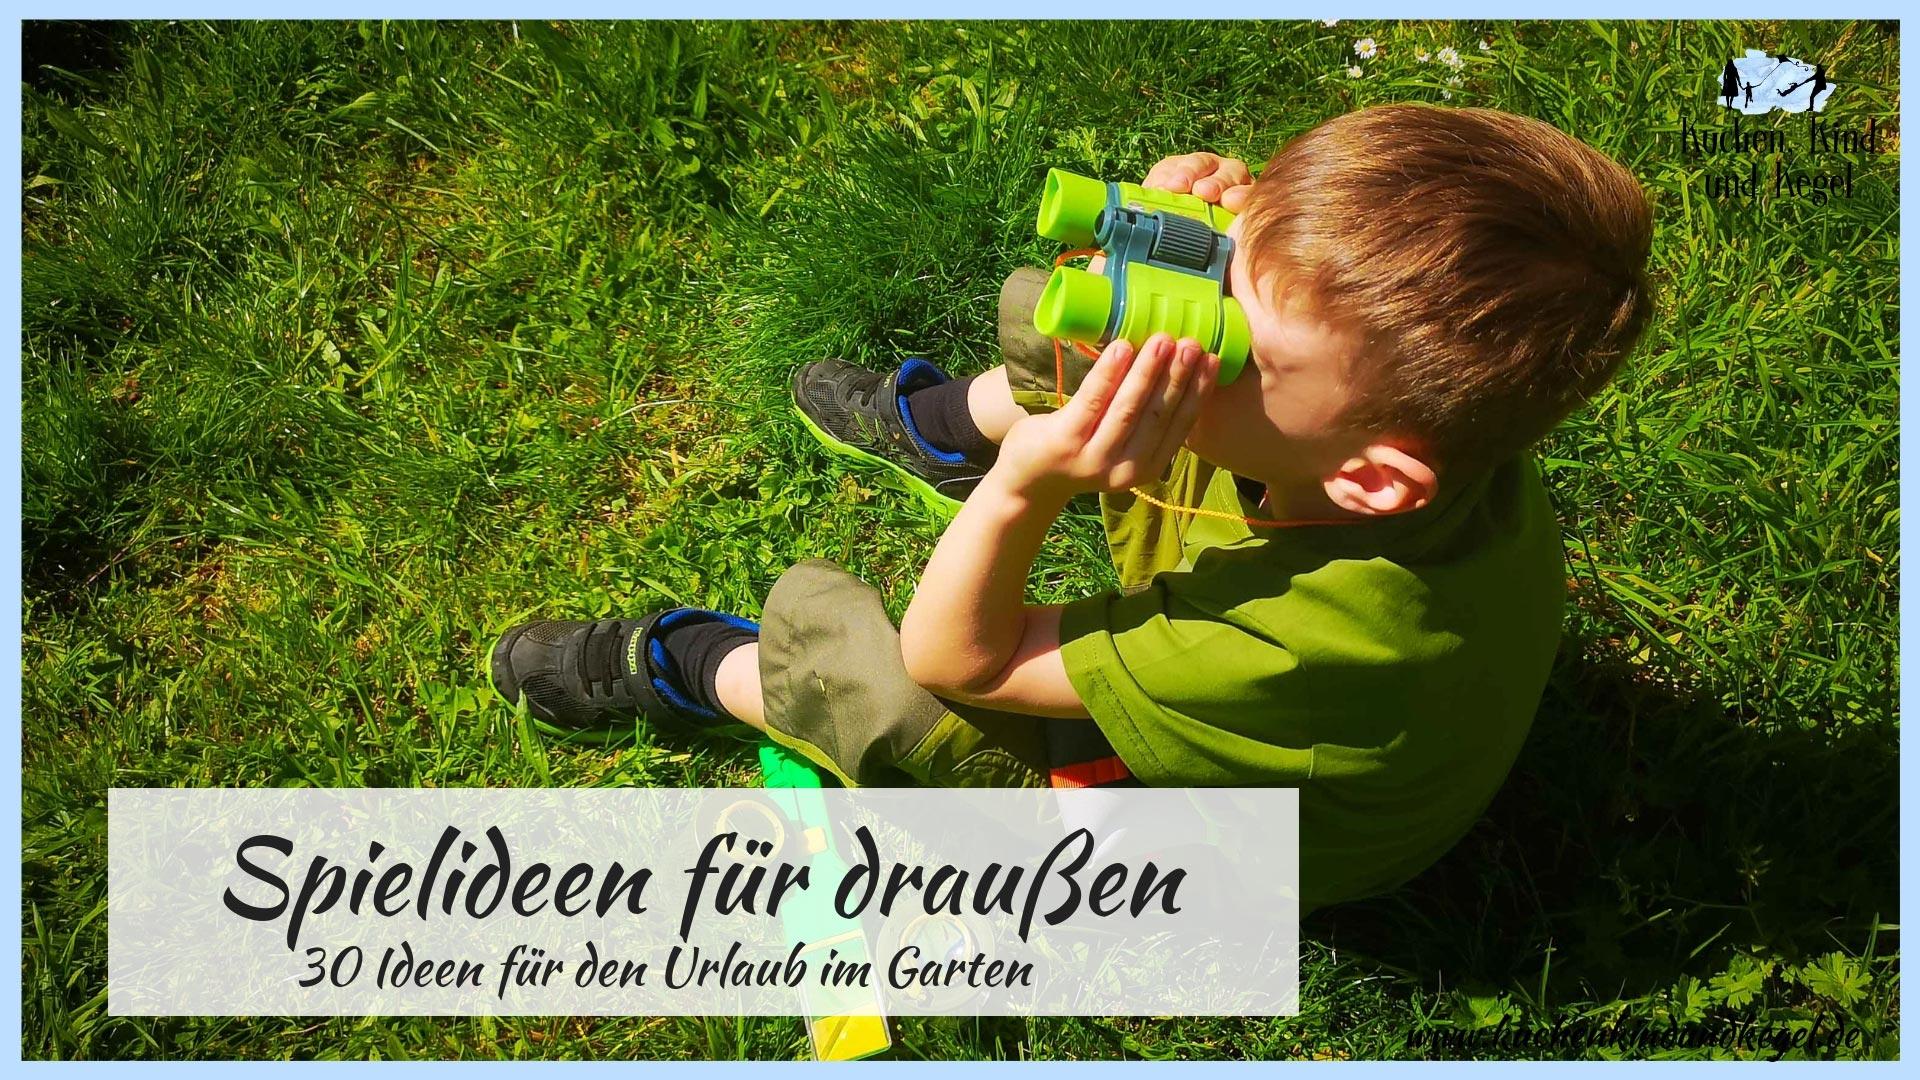 Spielideen für draußen - 6 Ideen für den Urlaub im Garten